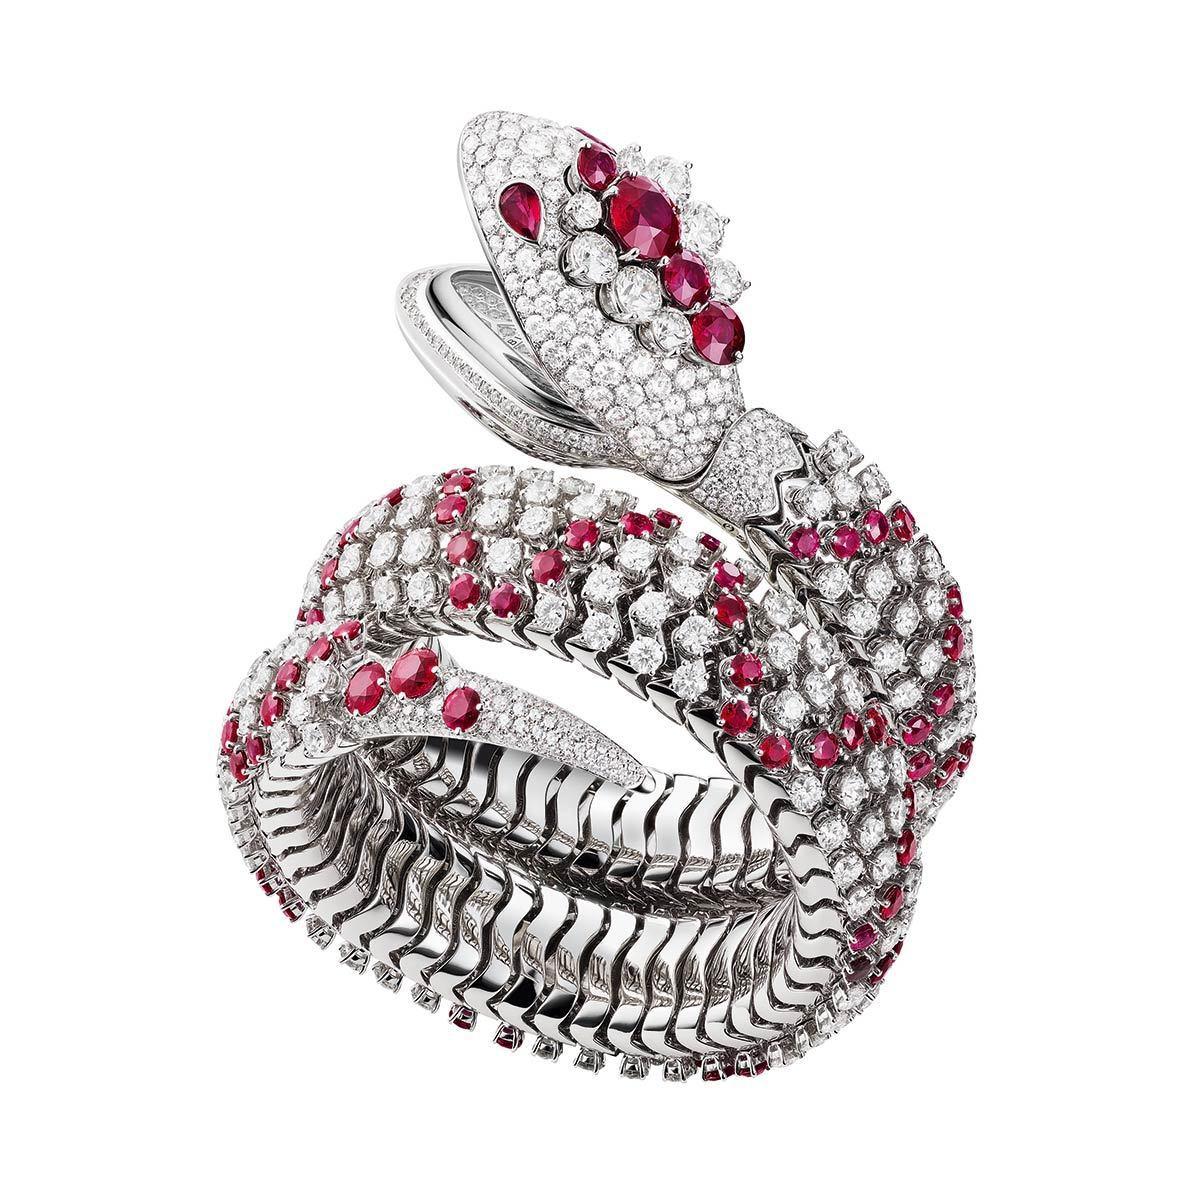 寶格麗Serpenti Misteriosi Pallini頂級珠寶表,18K白...